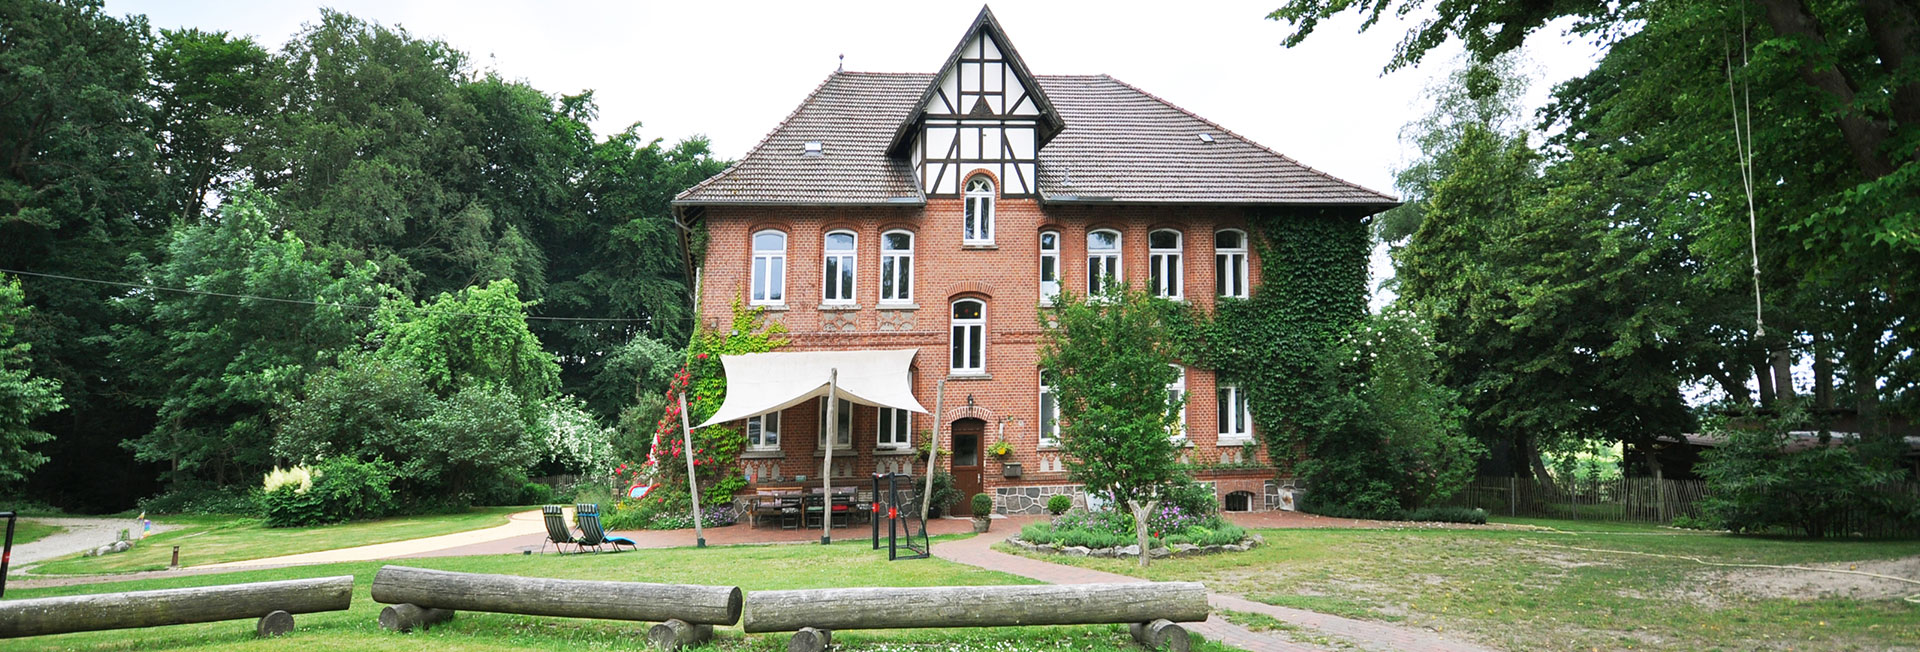 Die Villa Rübenburg.